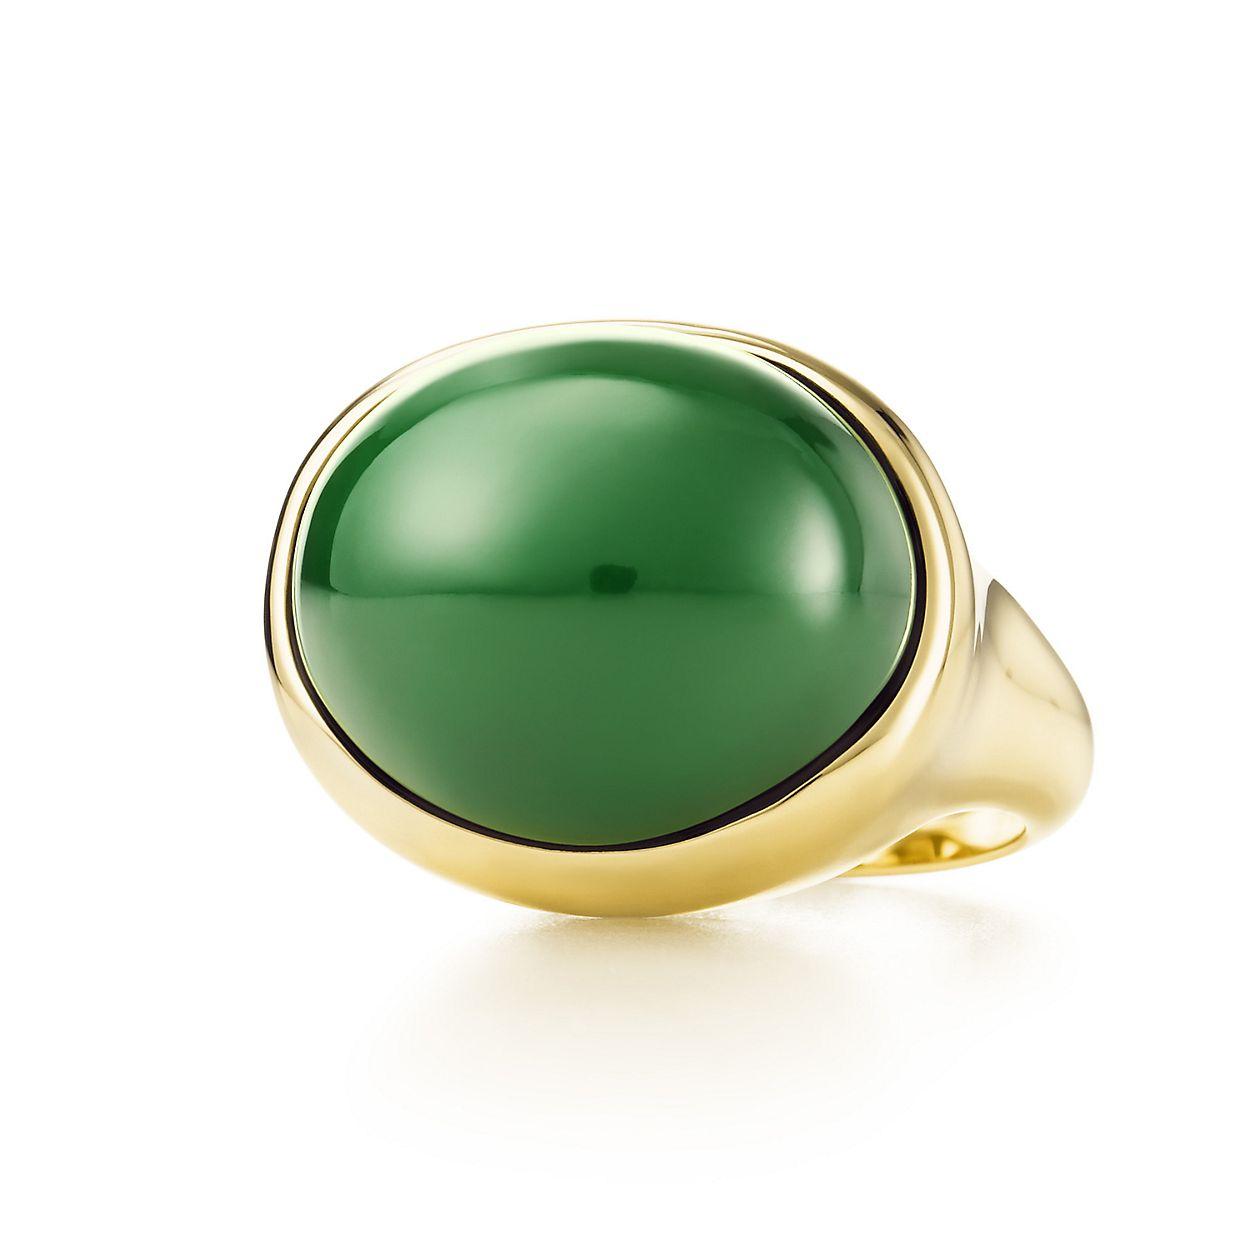 Elsa Peretti Cabochon earrings in 18k gold with green jade Tiffany & Co. 1tXELhSw